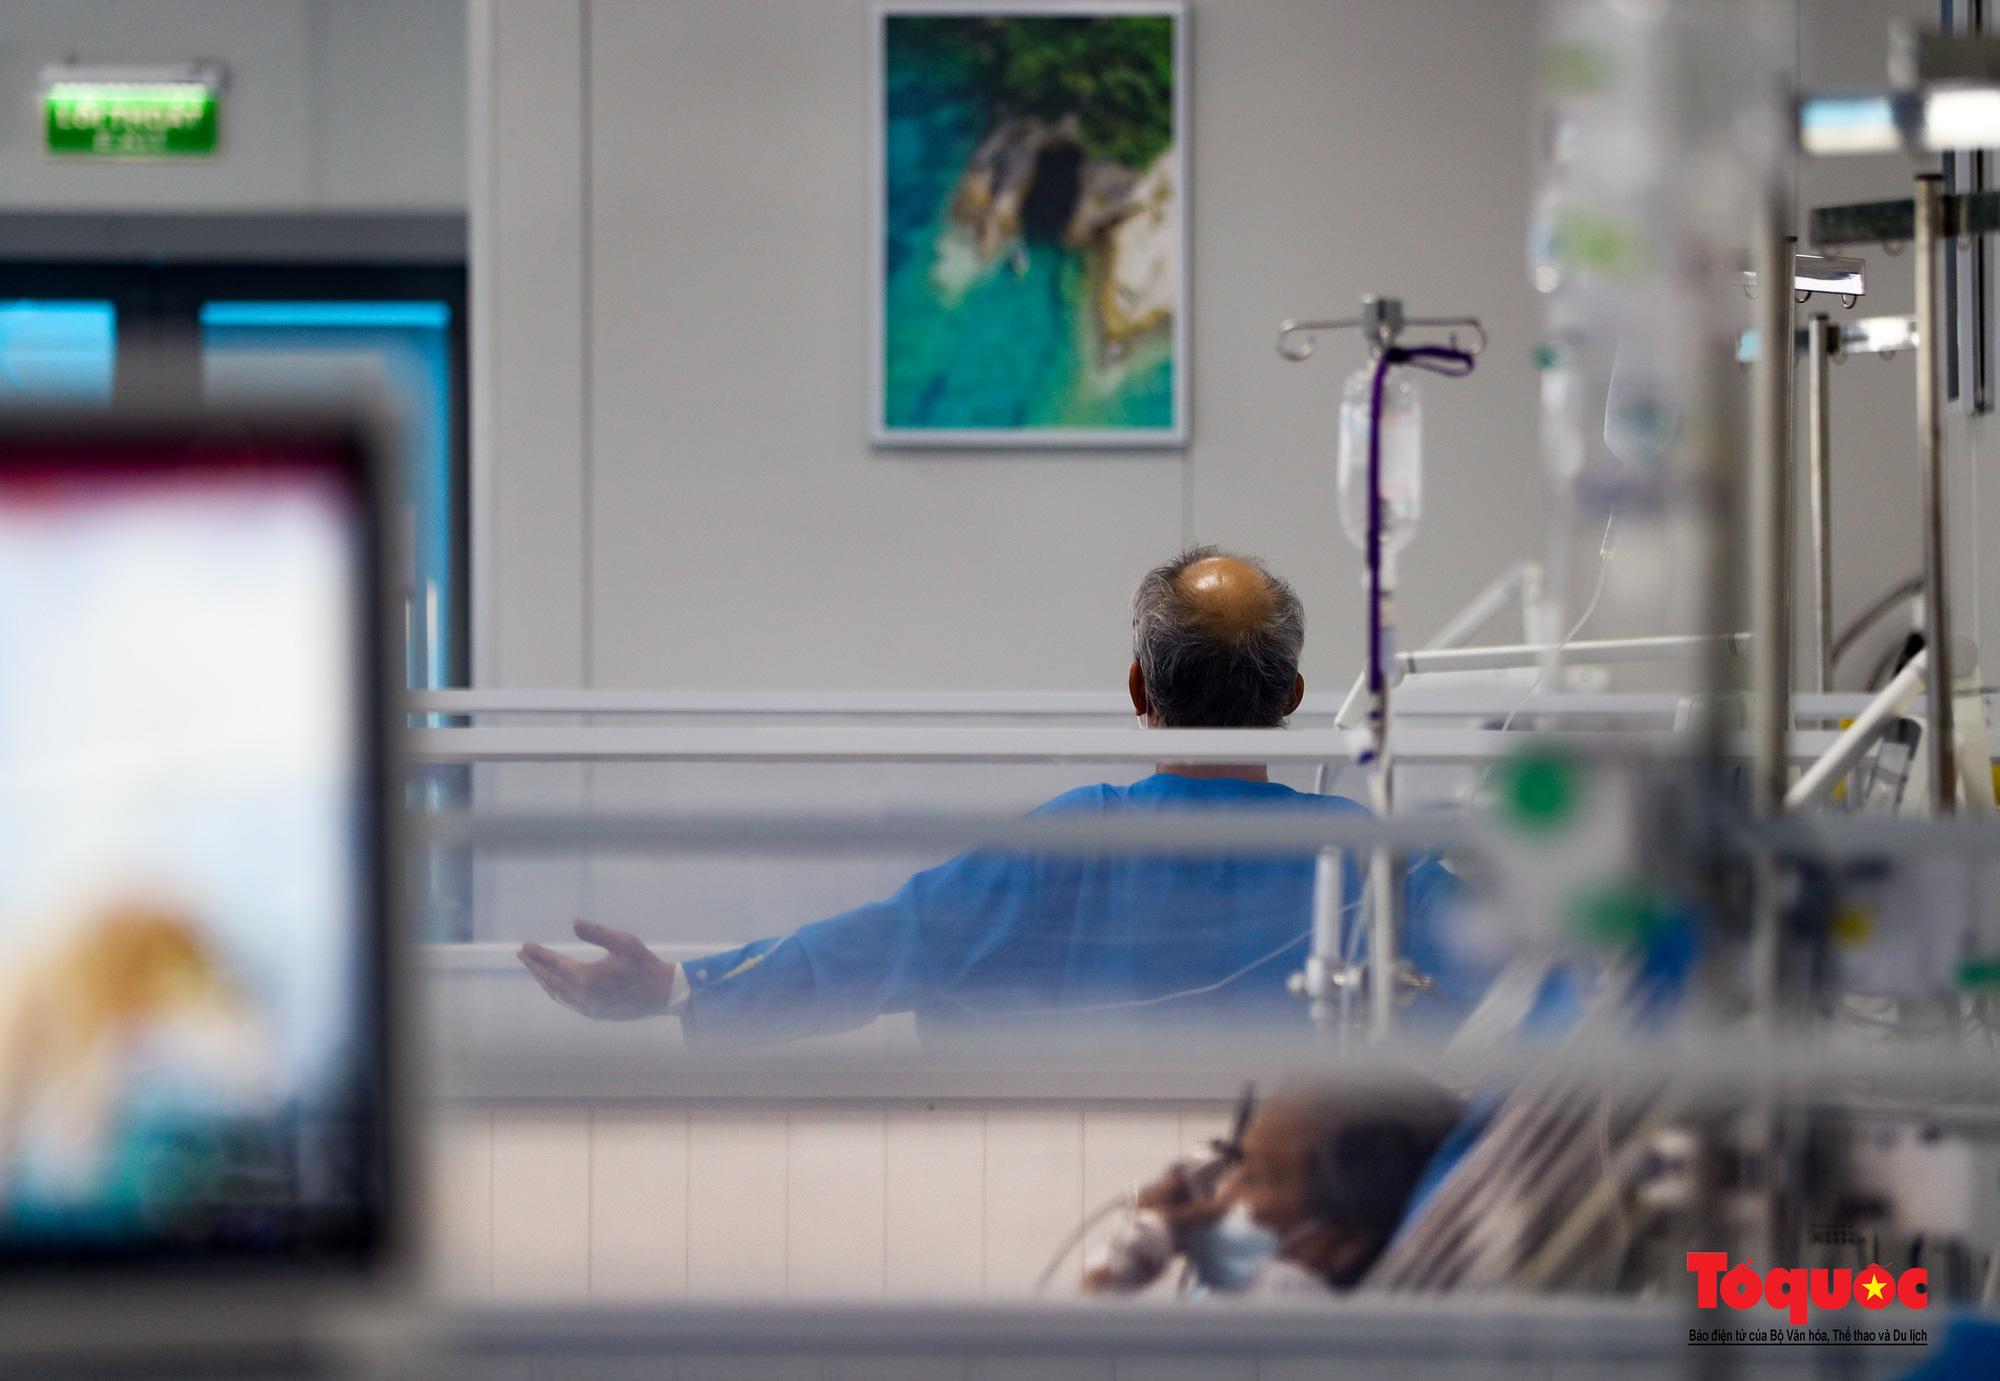 Hà Nội: Cận cảnh bên trong khu điều trị hiện đại của Bệnh viện điều trị người bệnh Covid 19  - Ảnh 17.